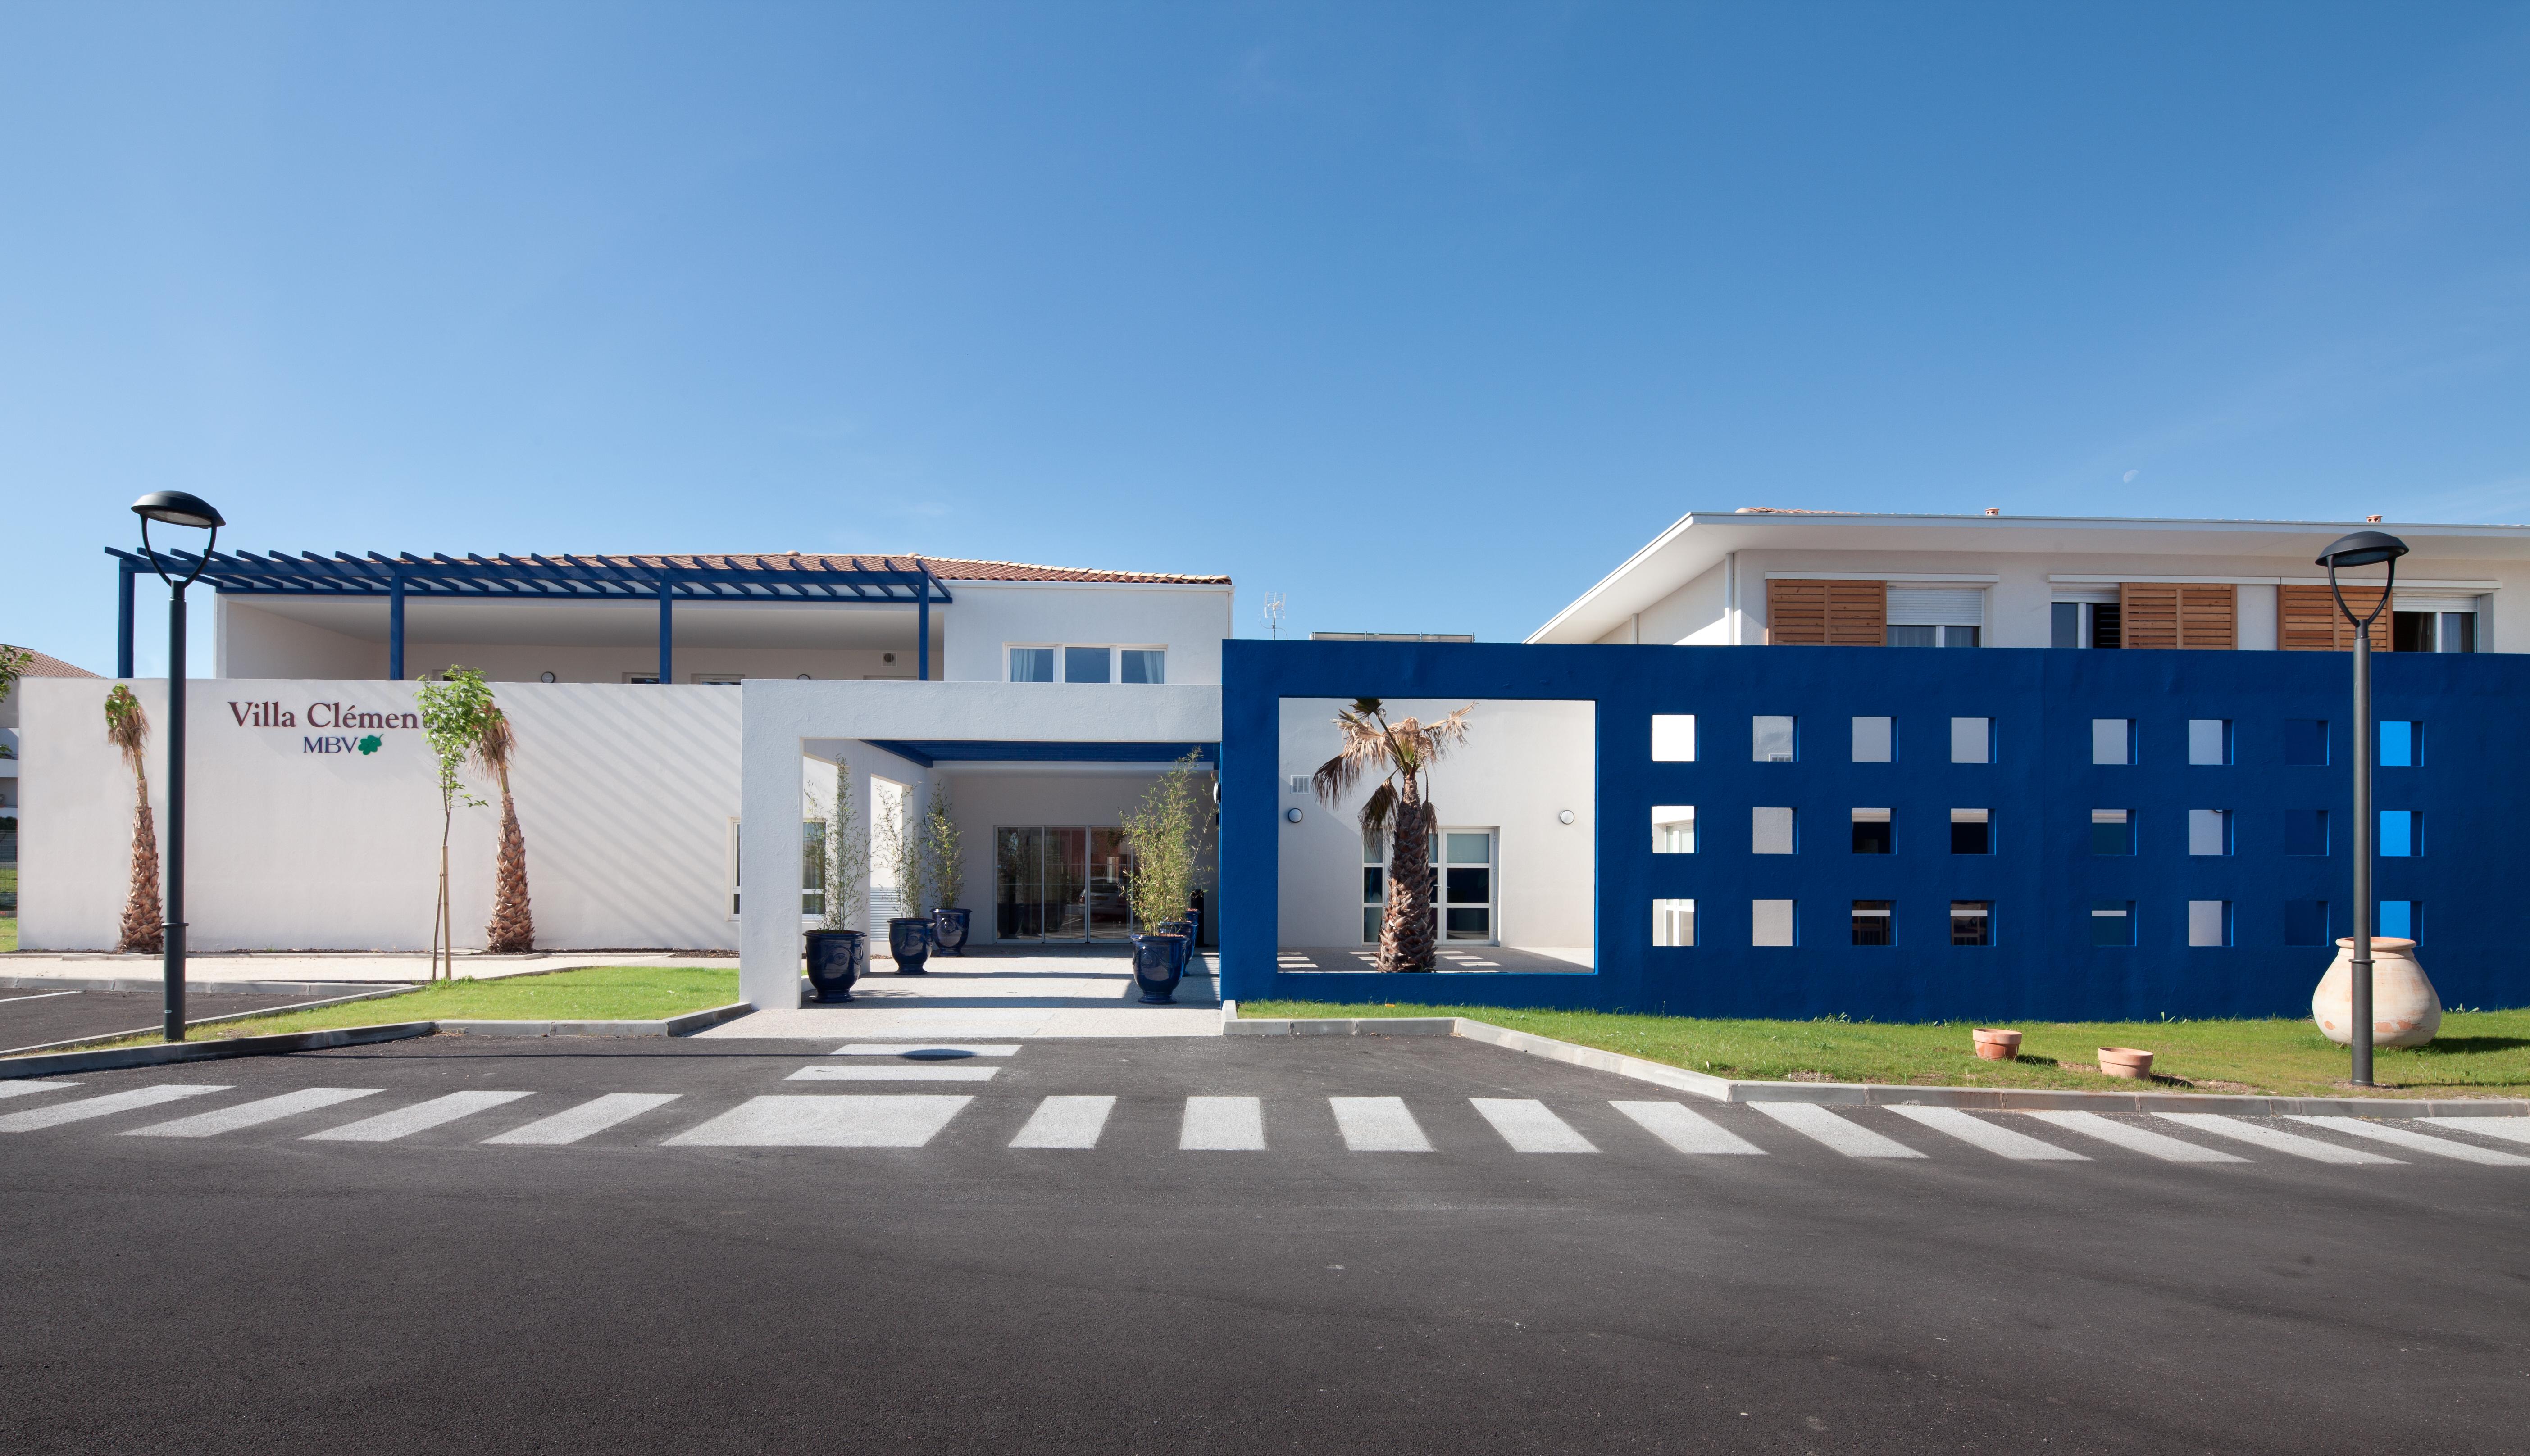 Villa Clementia EHPAD - Architecte Patrice Genet - Photo : Mathieu Ducros